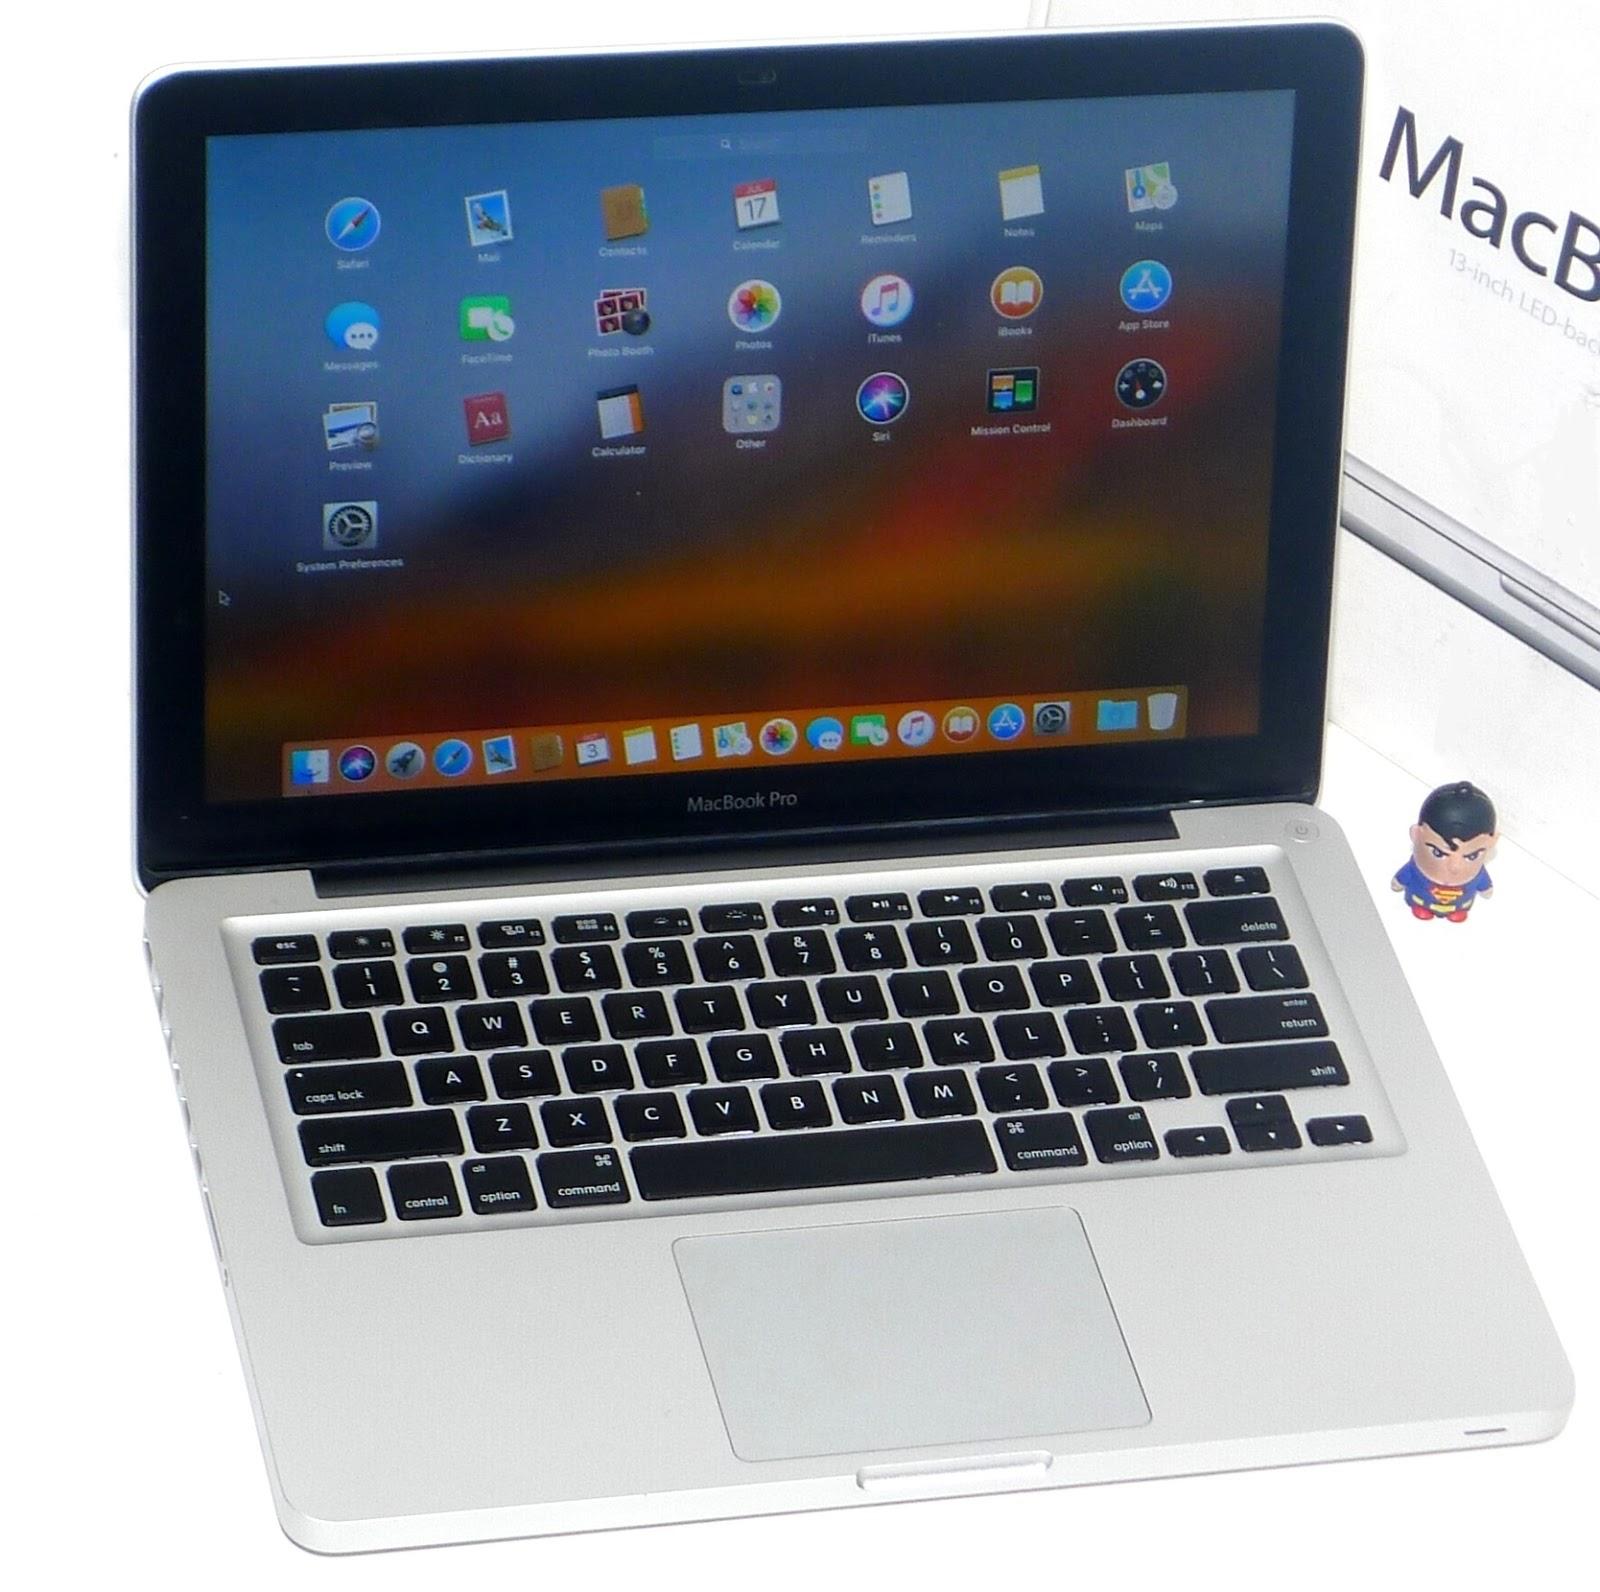 Jual MacBook Pro MD101 Core i5 Mid 2012 Second Fullset